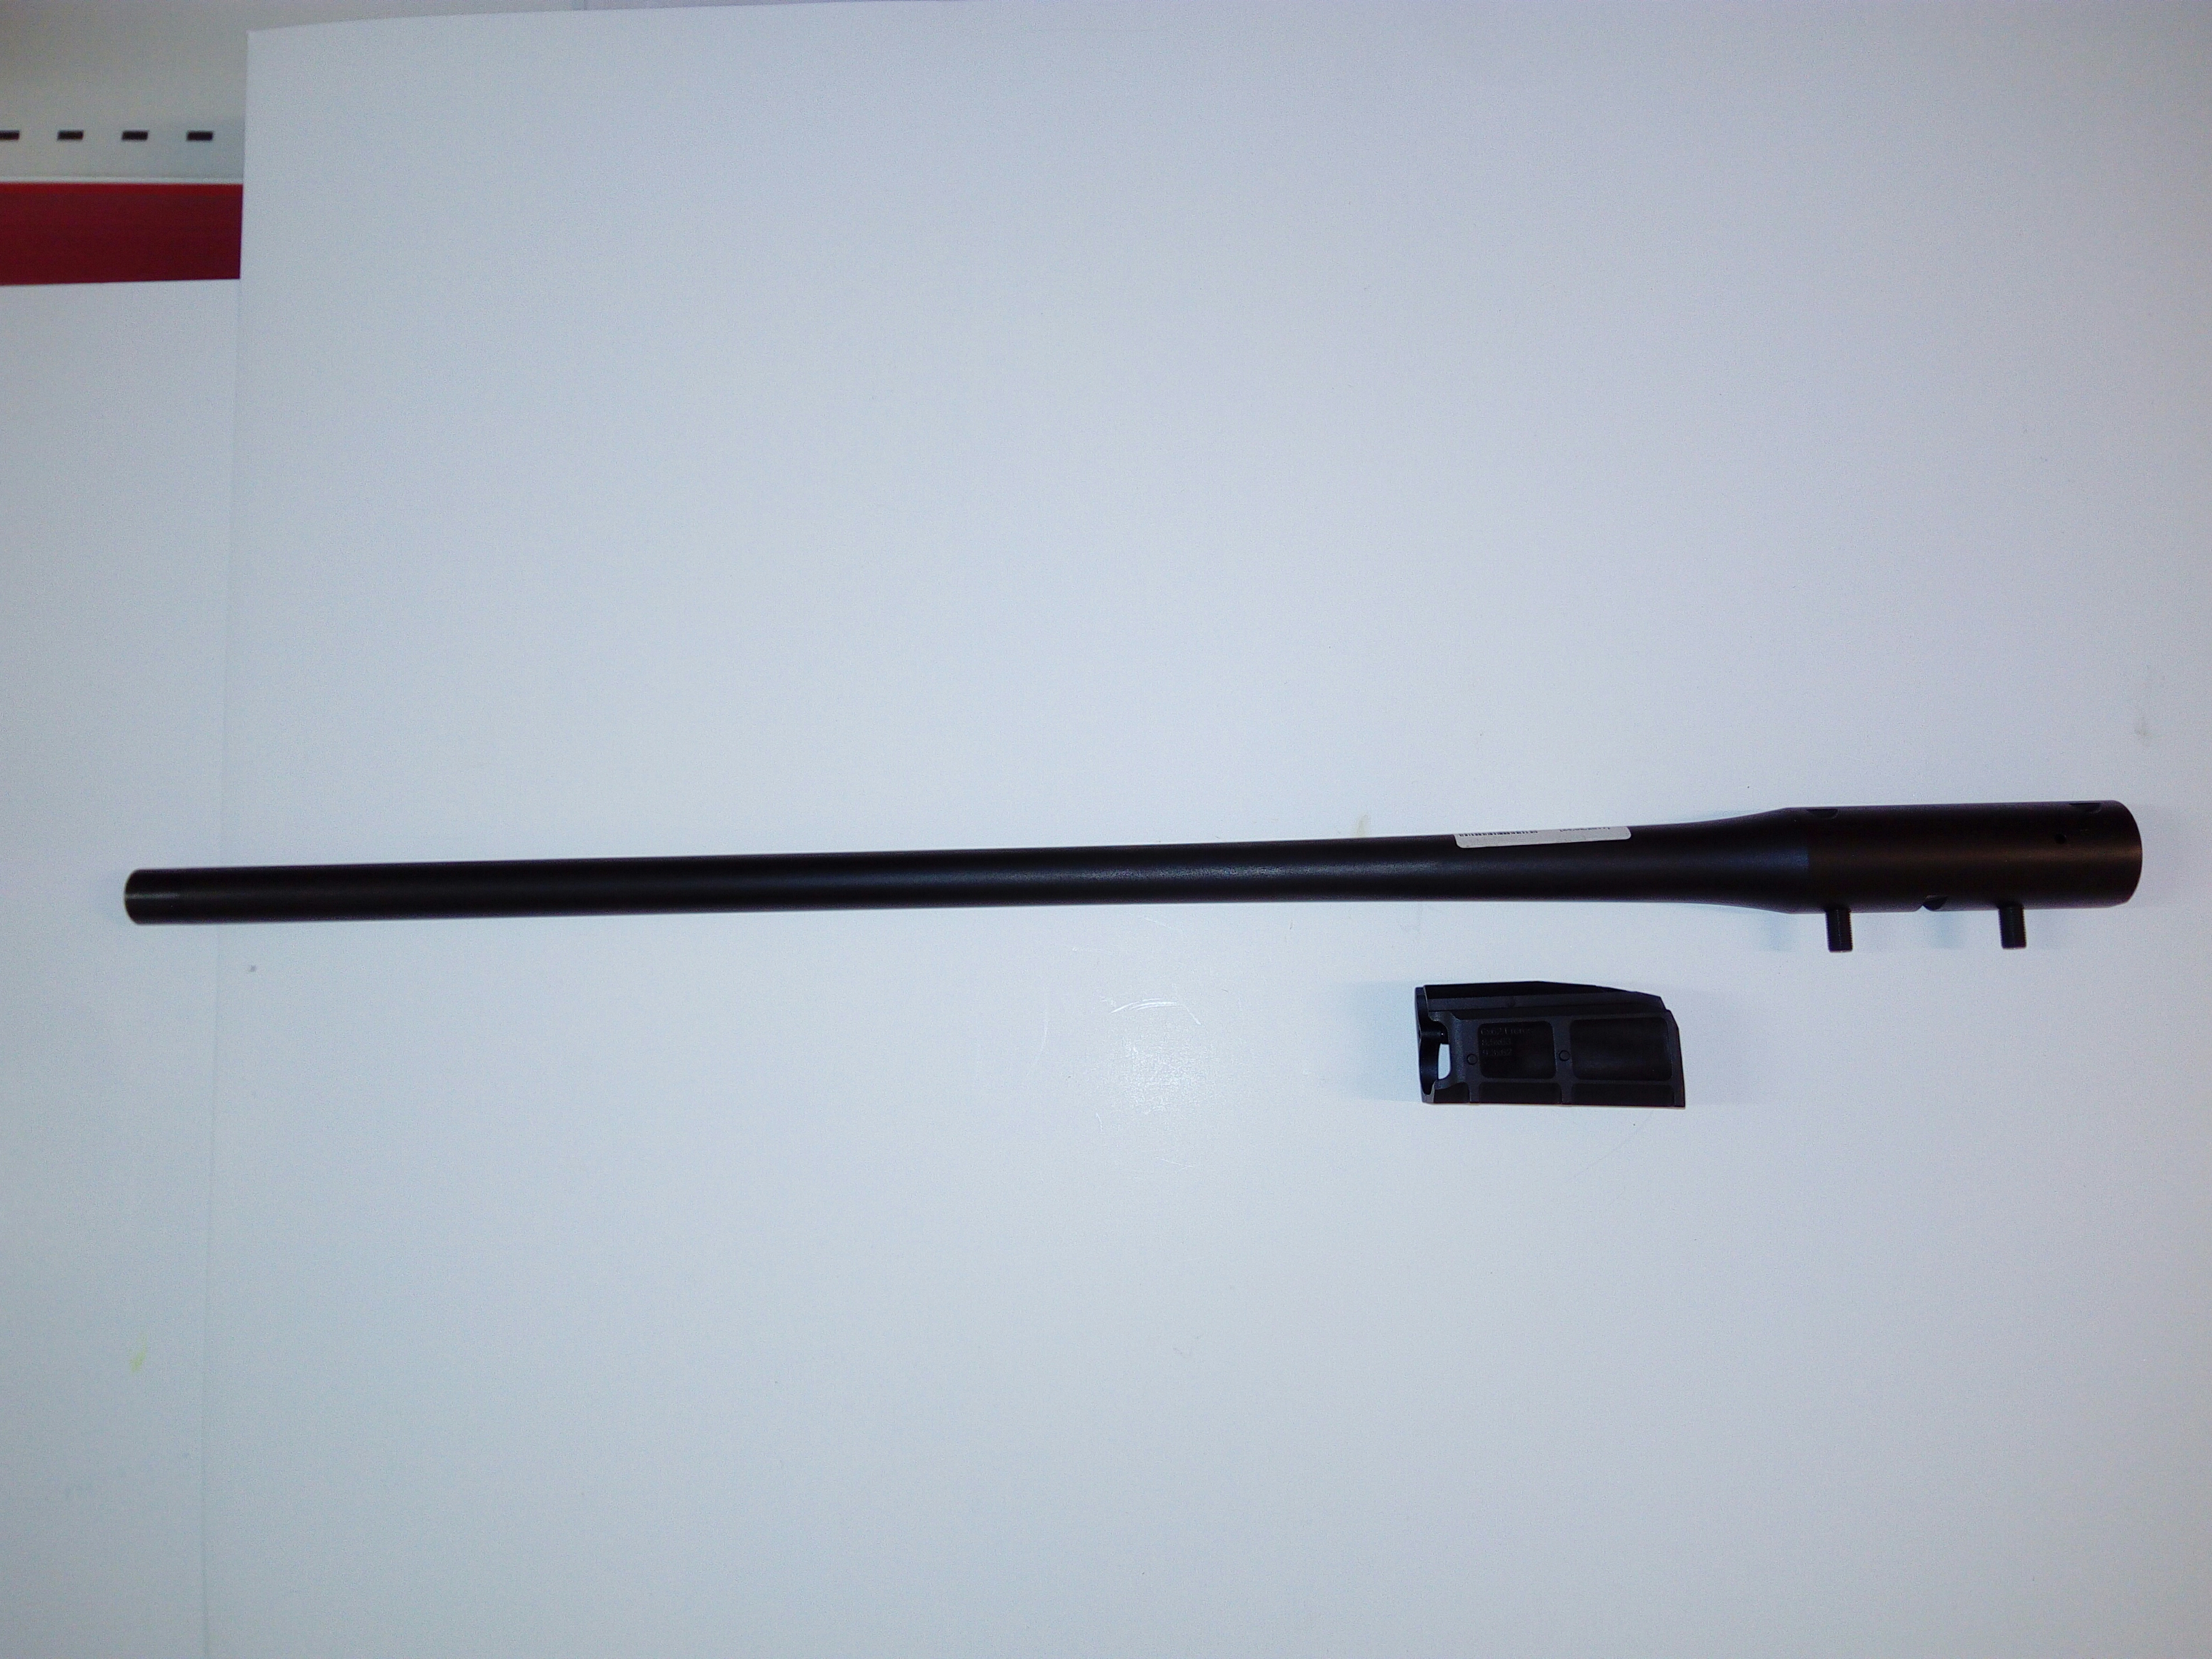 Blaser R8 piippu 9,3x62 52cm ST halk. 17mm. 15x1